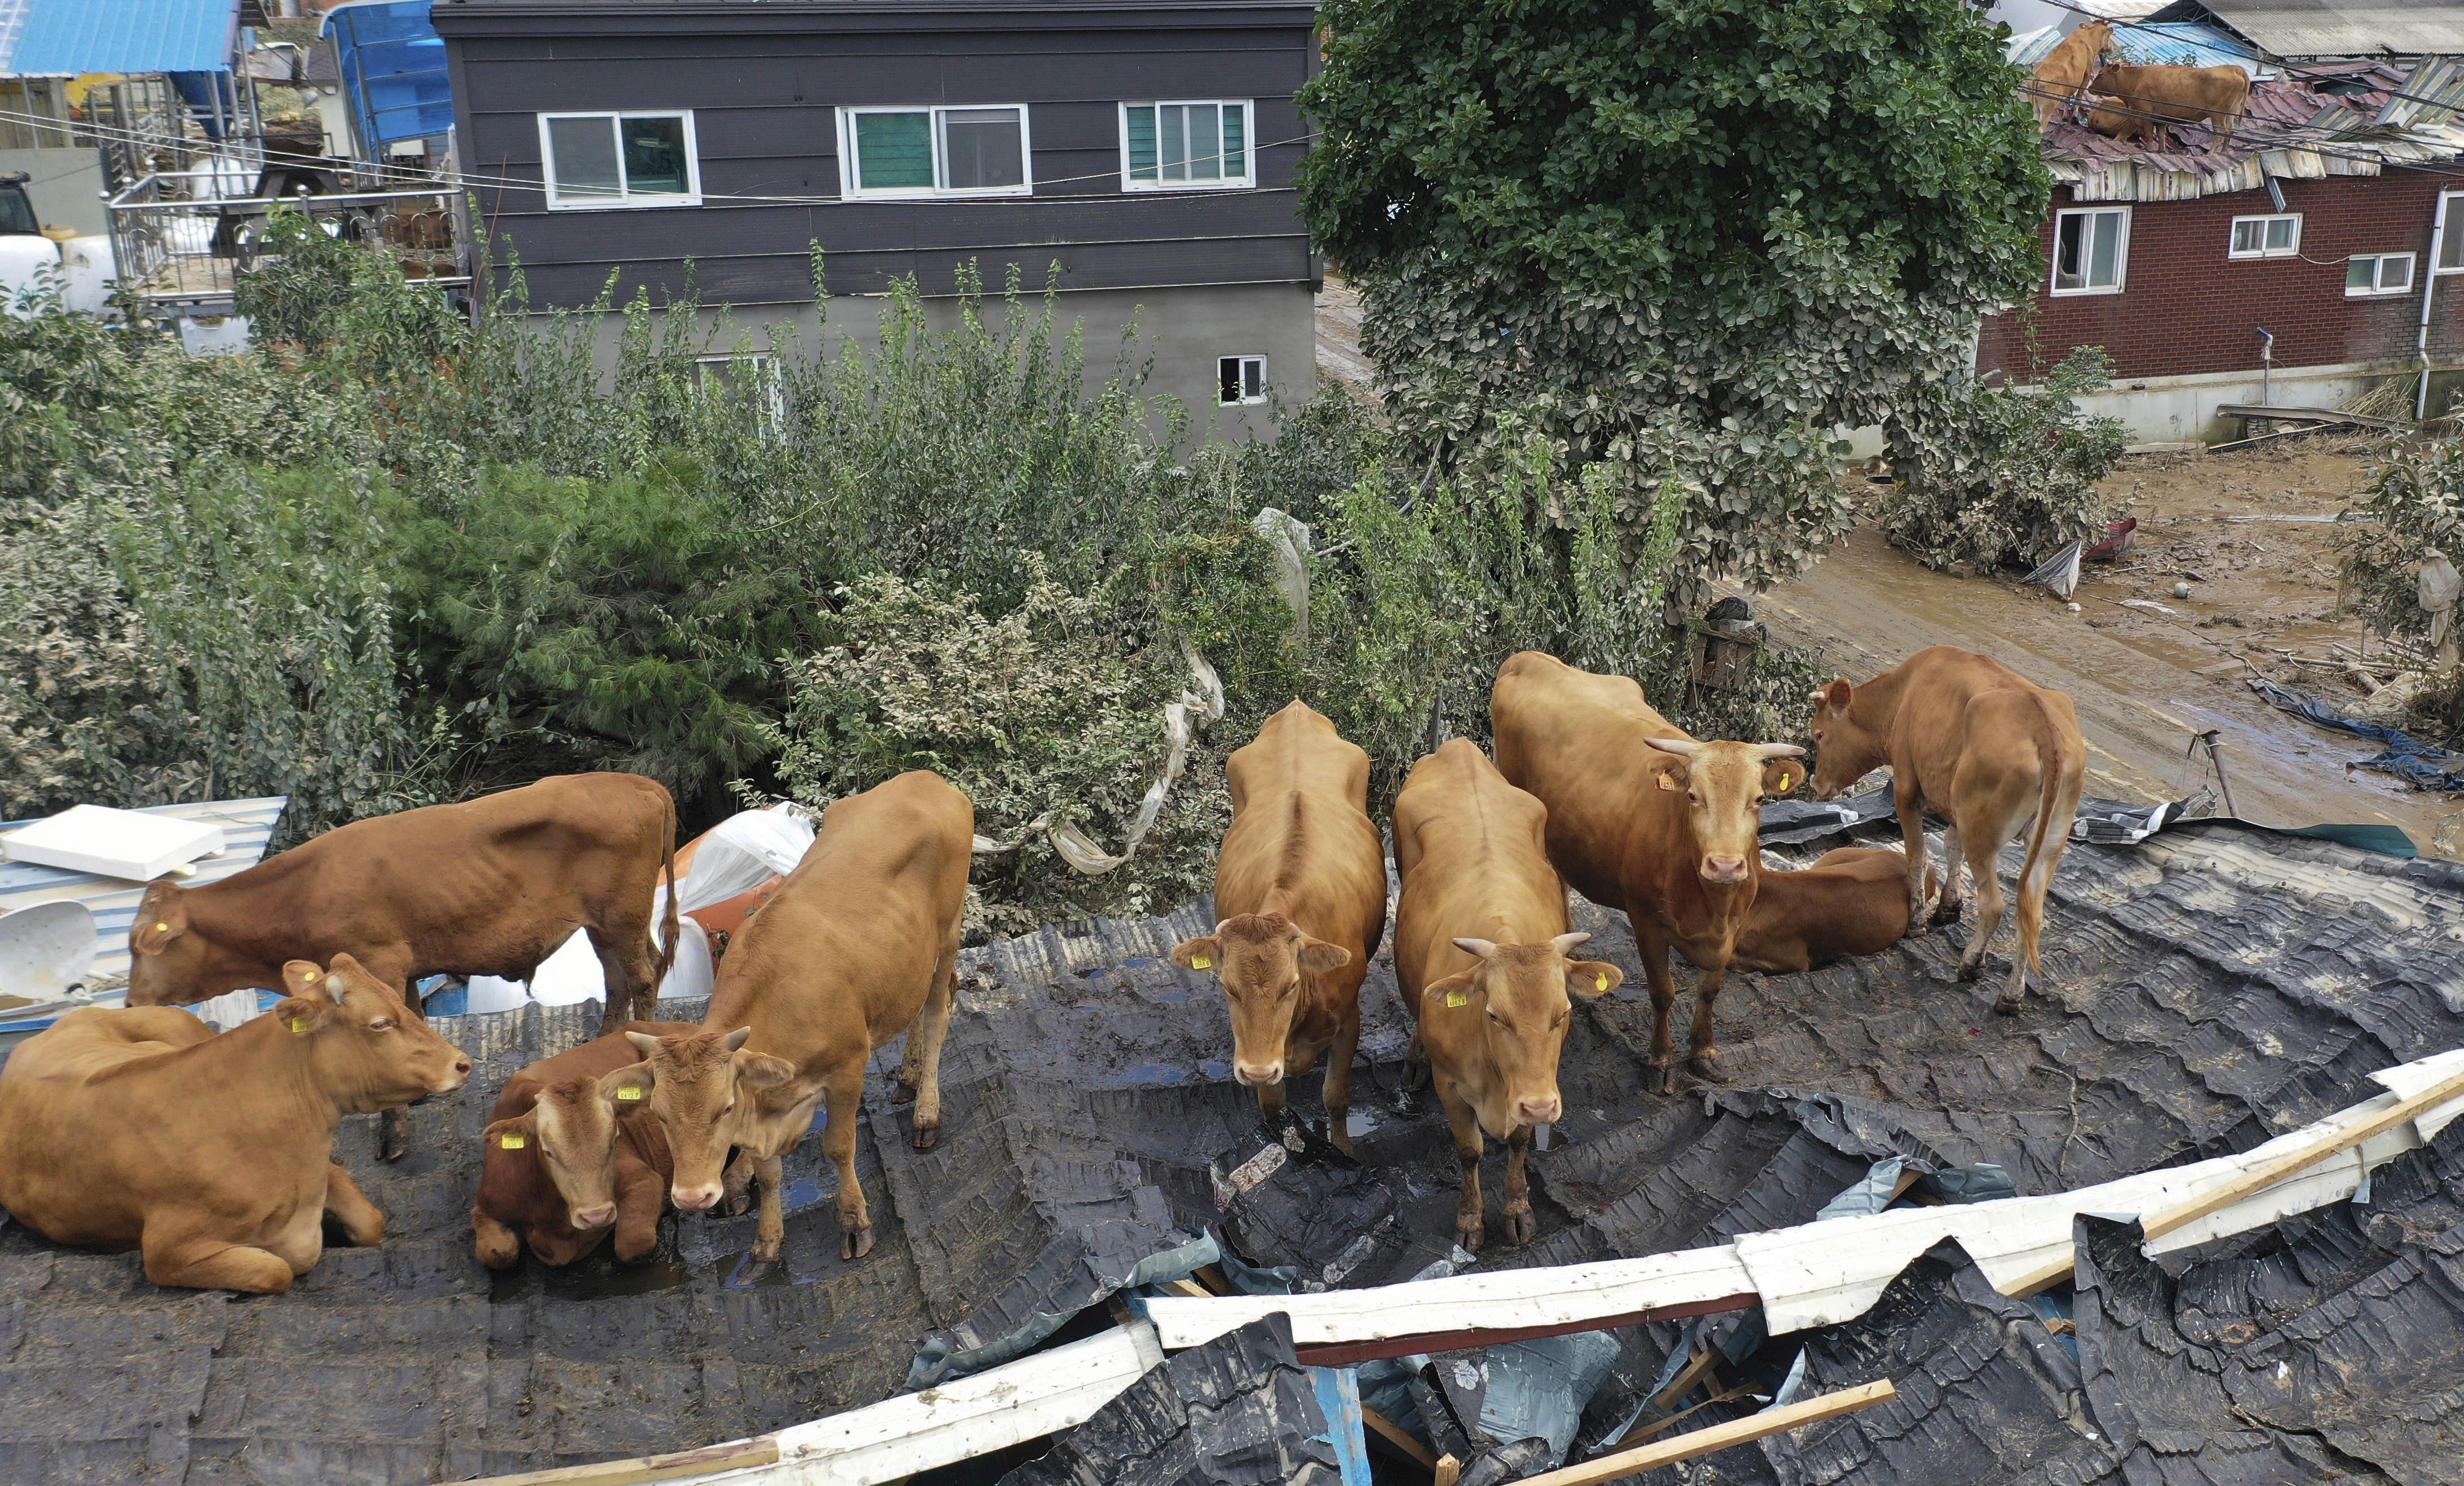 ▲▼河水氾濫,全羅南道求禮郡數十隻黃牛慘被沖到農舍屋頂。(圖/達志影像/美聯社)